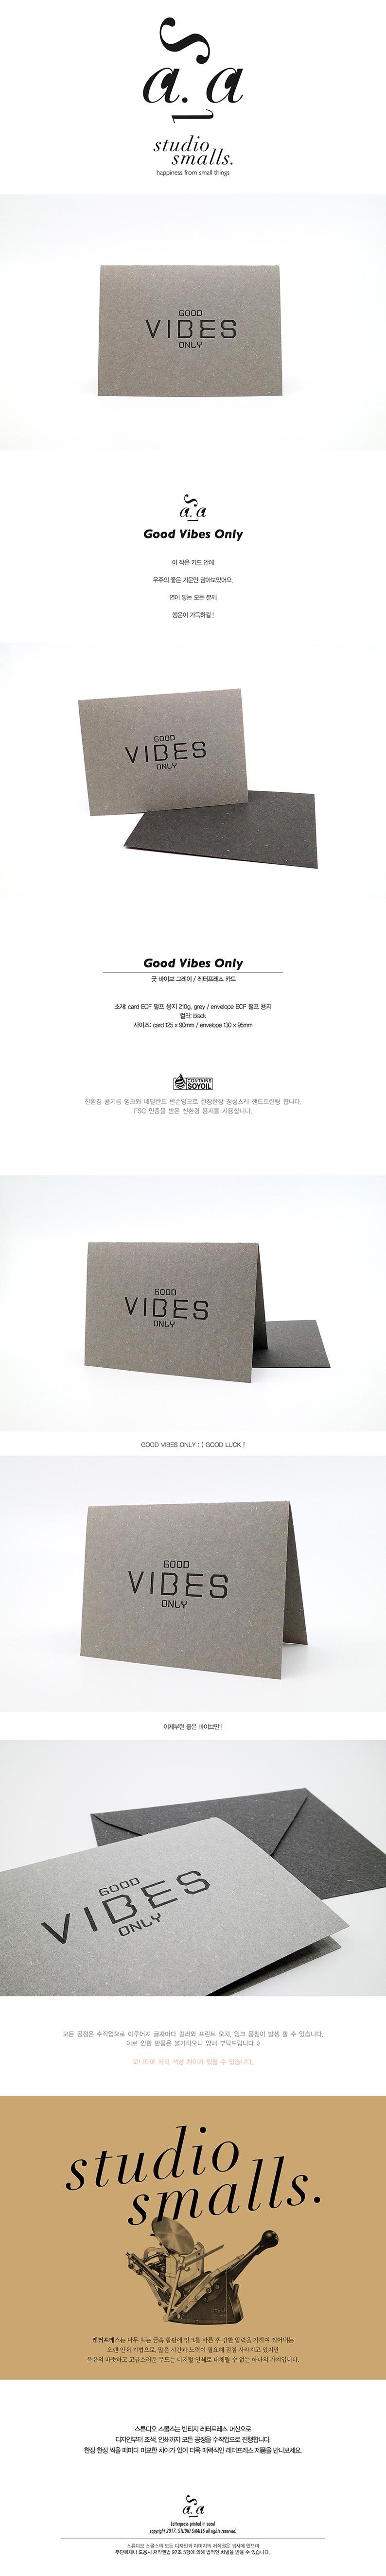 Good Vibes Only 굿바이브 그레이 레터프레스 카드 - 스튜디오스몰스, 4,500원, 카드, 감사 카드